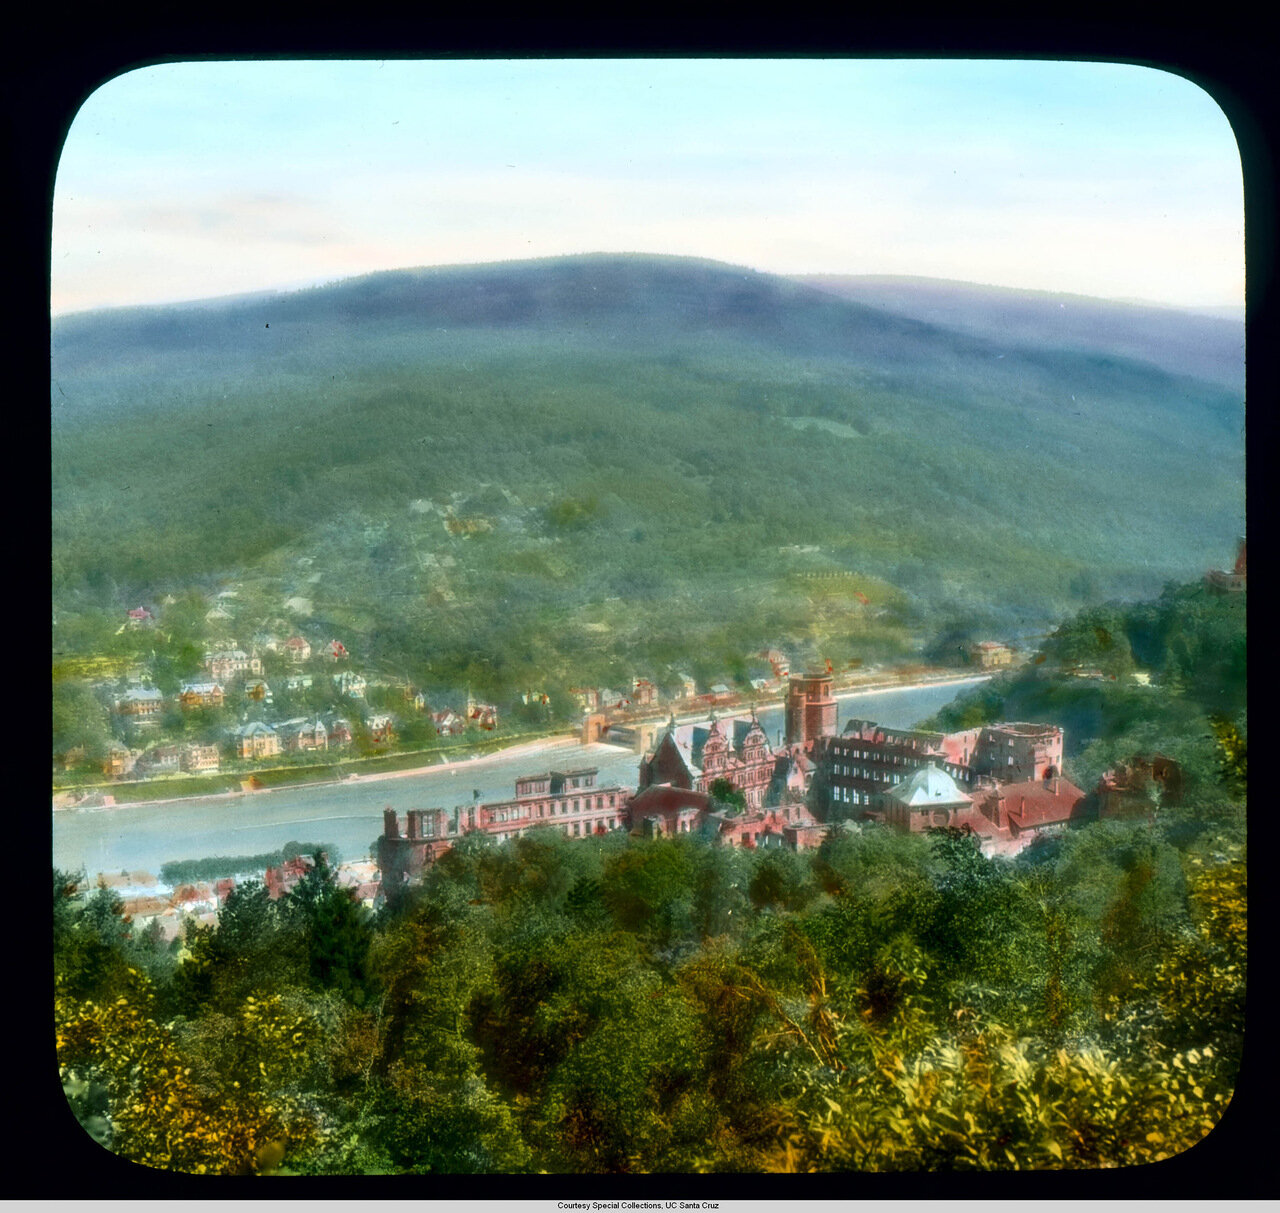 Гейдельберг. Замок. Панорама замка, реки Неккар и отдаленных холмов